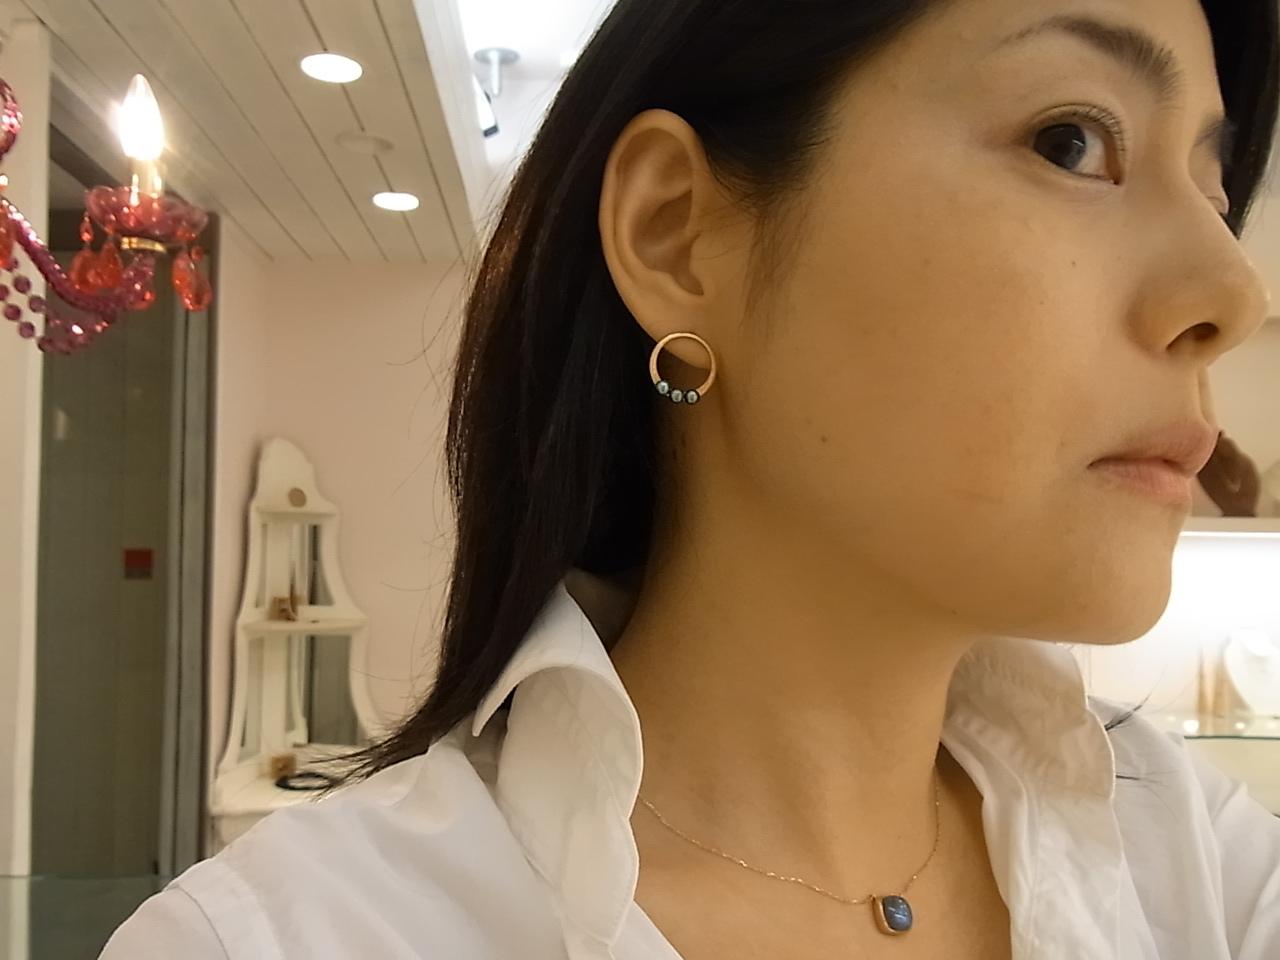 復活!女優・スタイリスト御用達 大人気 fenピアス !_c0221922_21391199.jpg